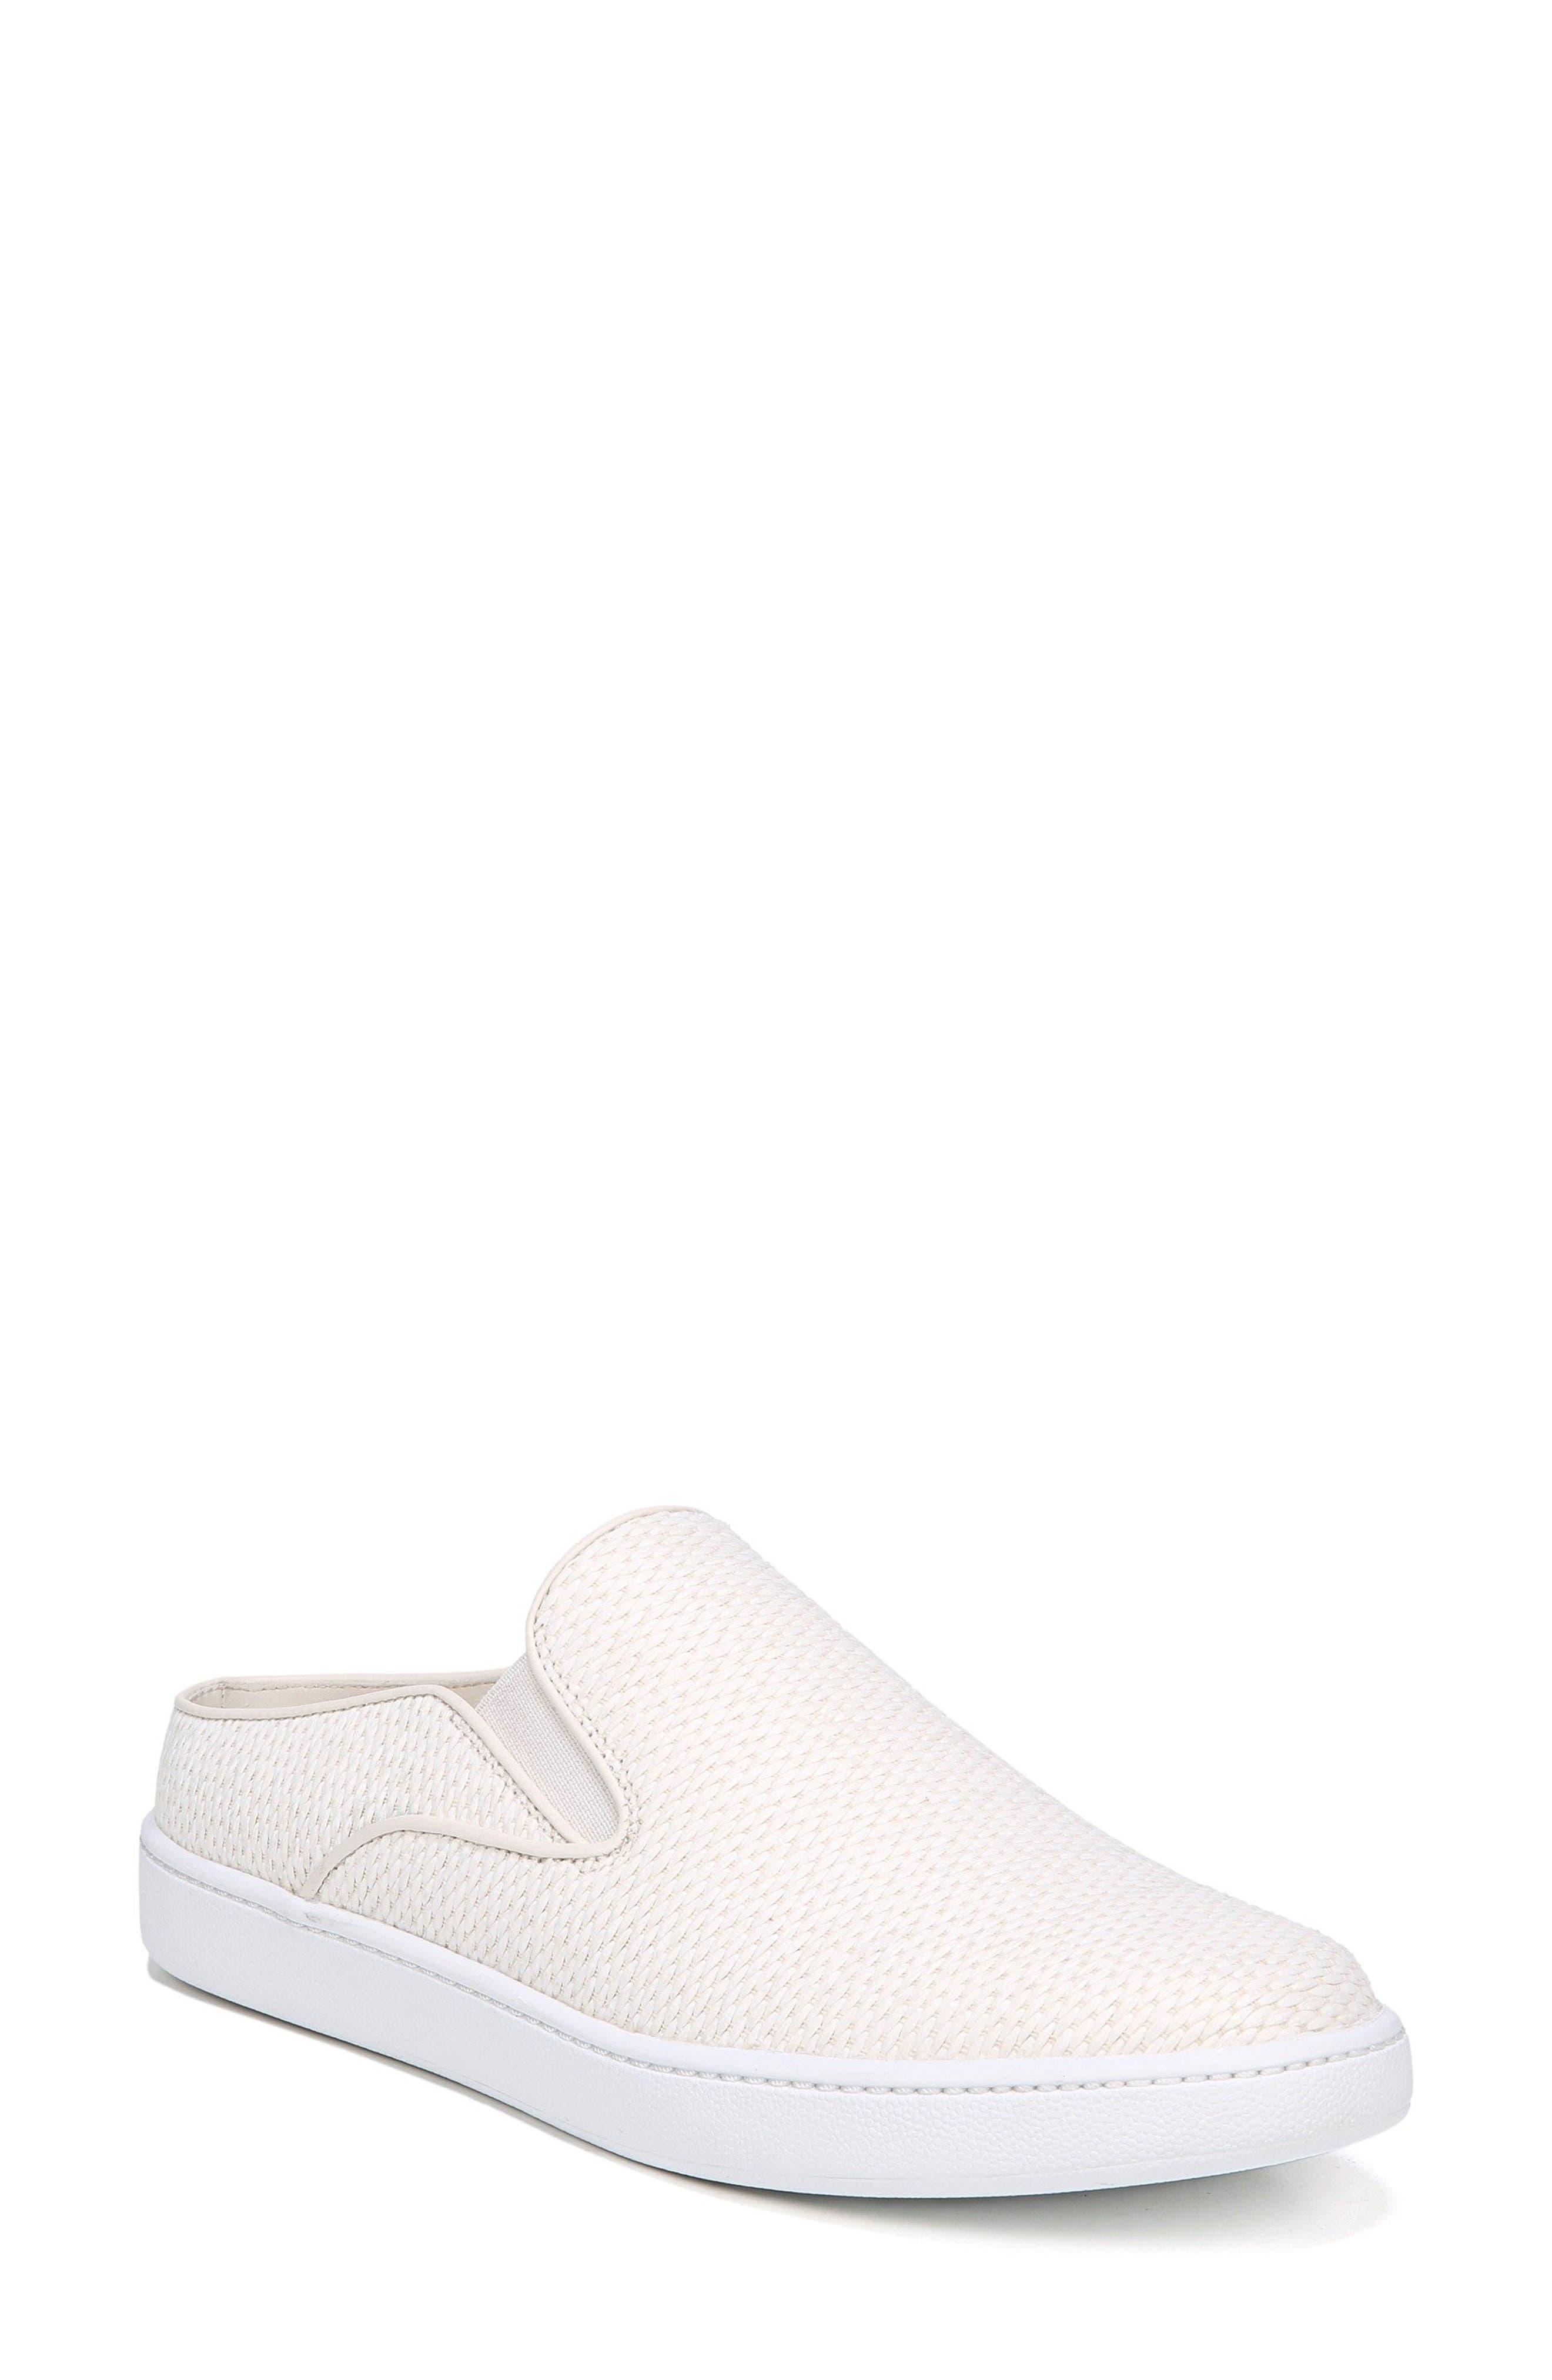 Verrell Slip-On Sneaker,                             Main thumbnail 3, color,